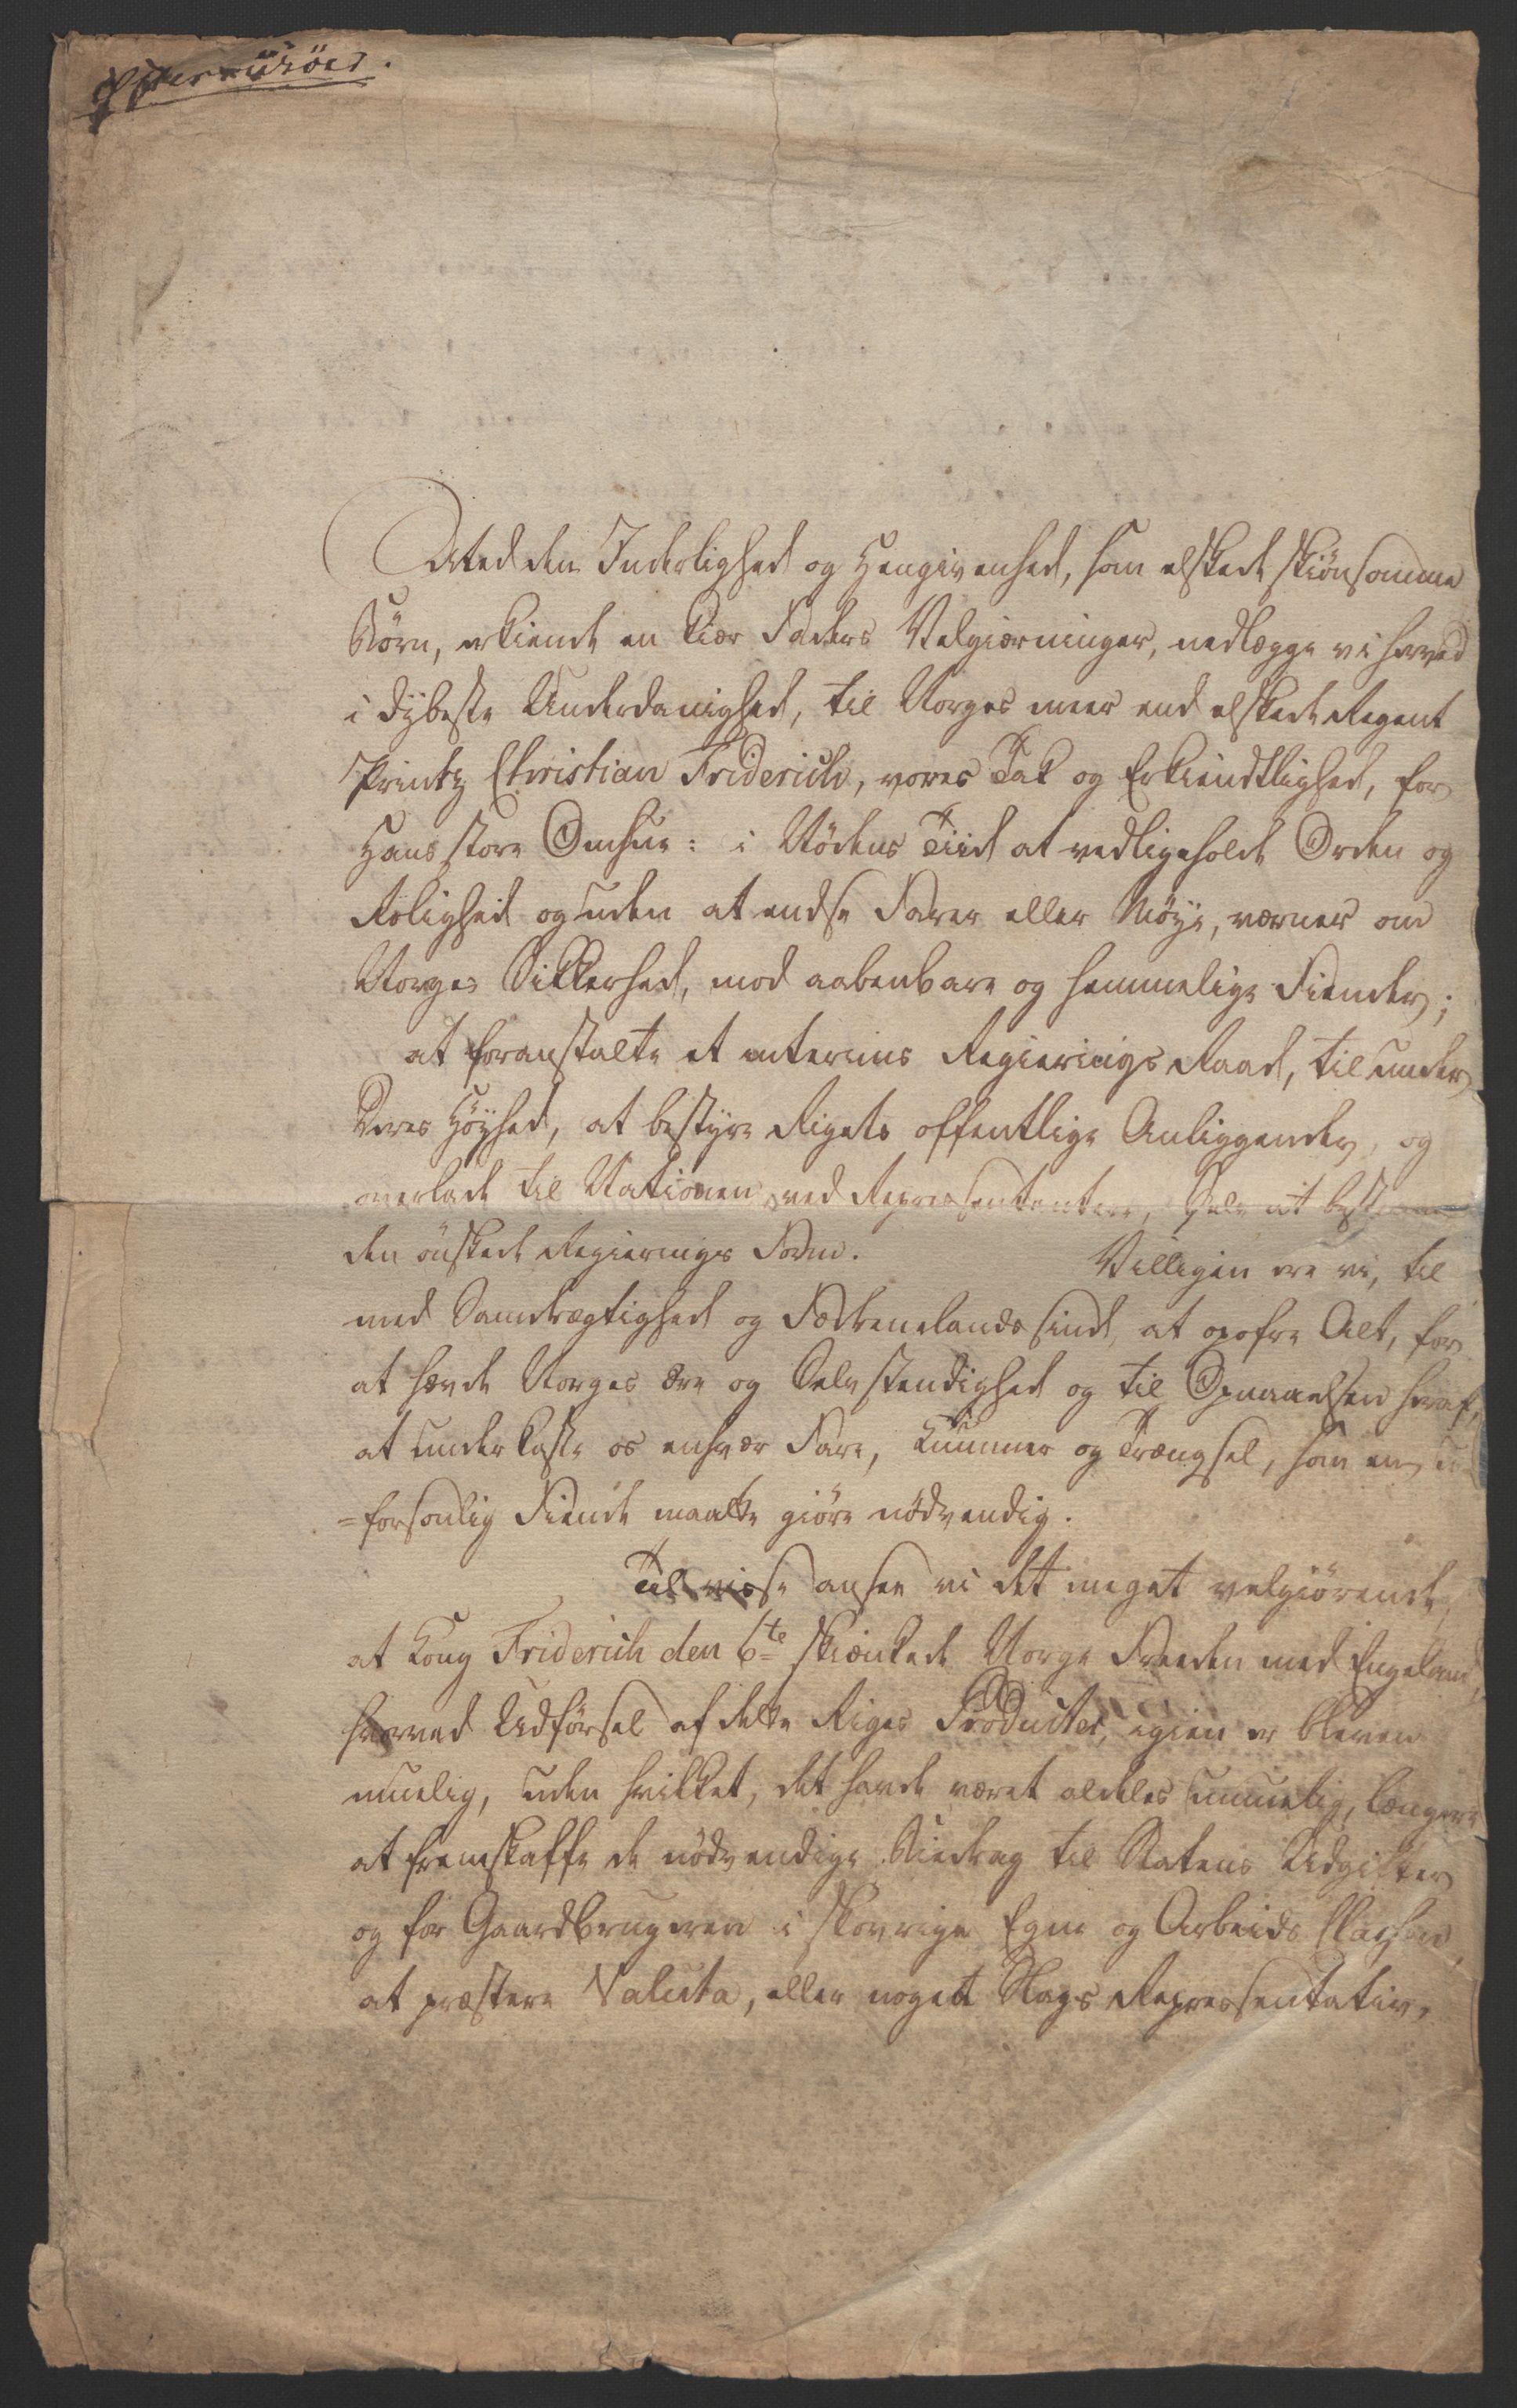 RA, Statsrådssekretariatet, D/Db/L0007: Fullmakter for Eidsvollsrepresentantene i 1814. , 1814, s. 41